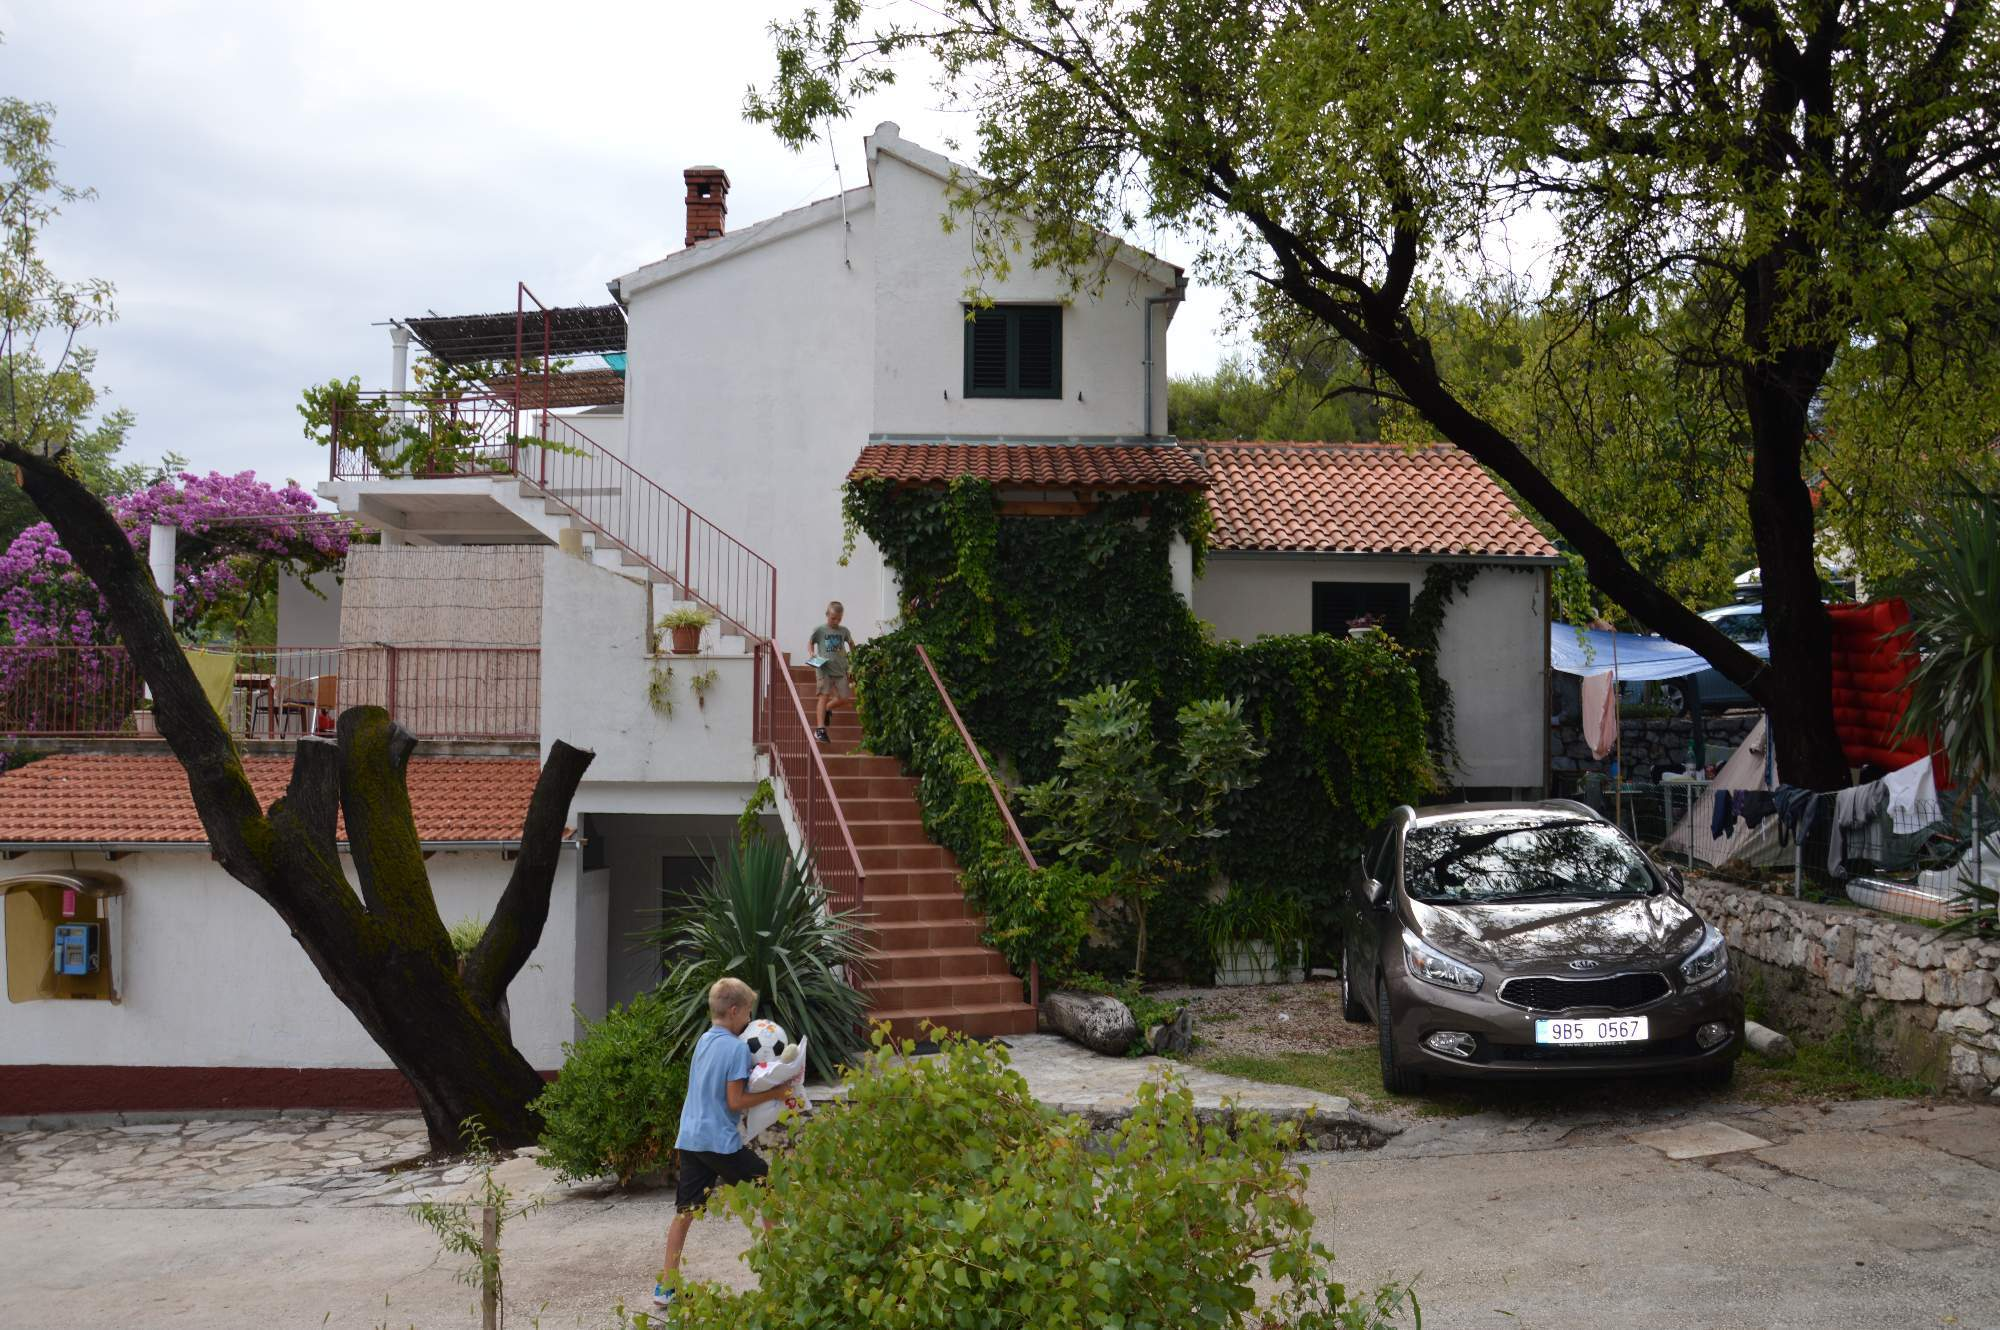 http://img19.rajce.idnes.cz/d1902/11/11369/11369498_ba1b1cc51aa2b100ecd01c05fe1b9075/images/DSC_0680.jpg